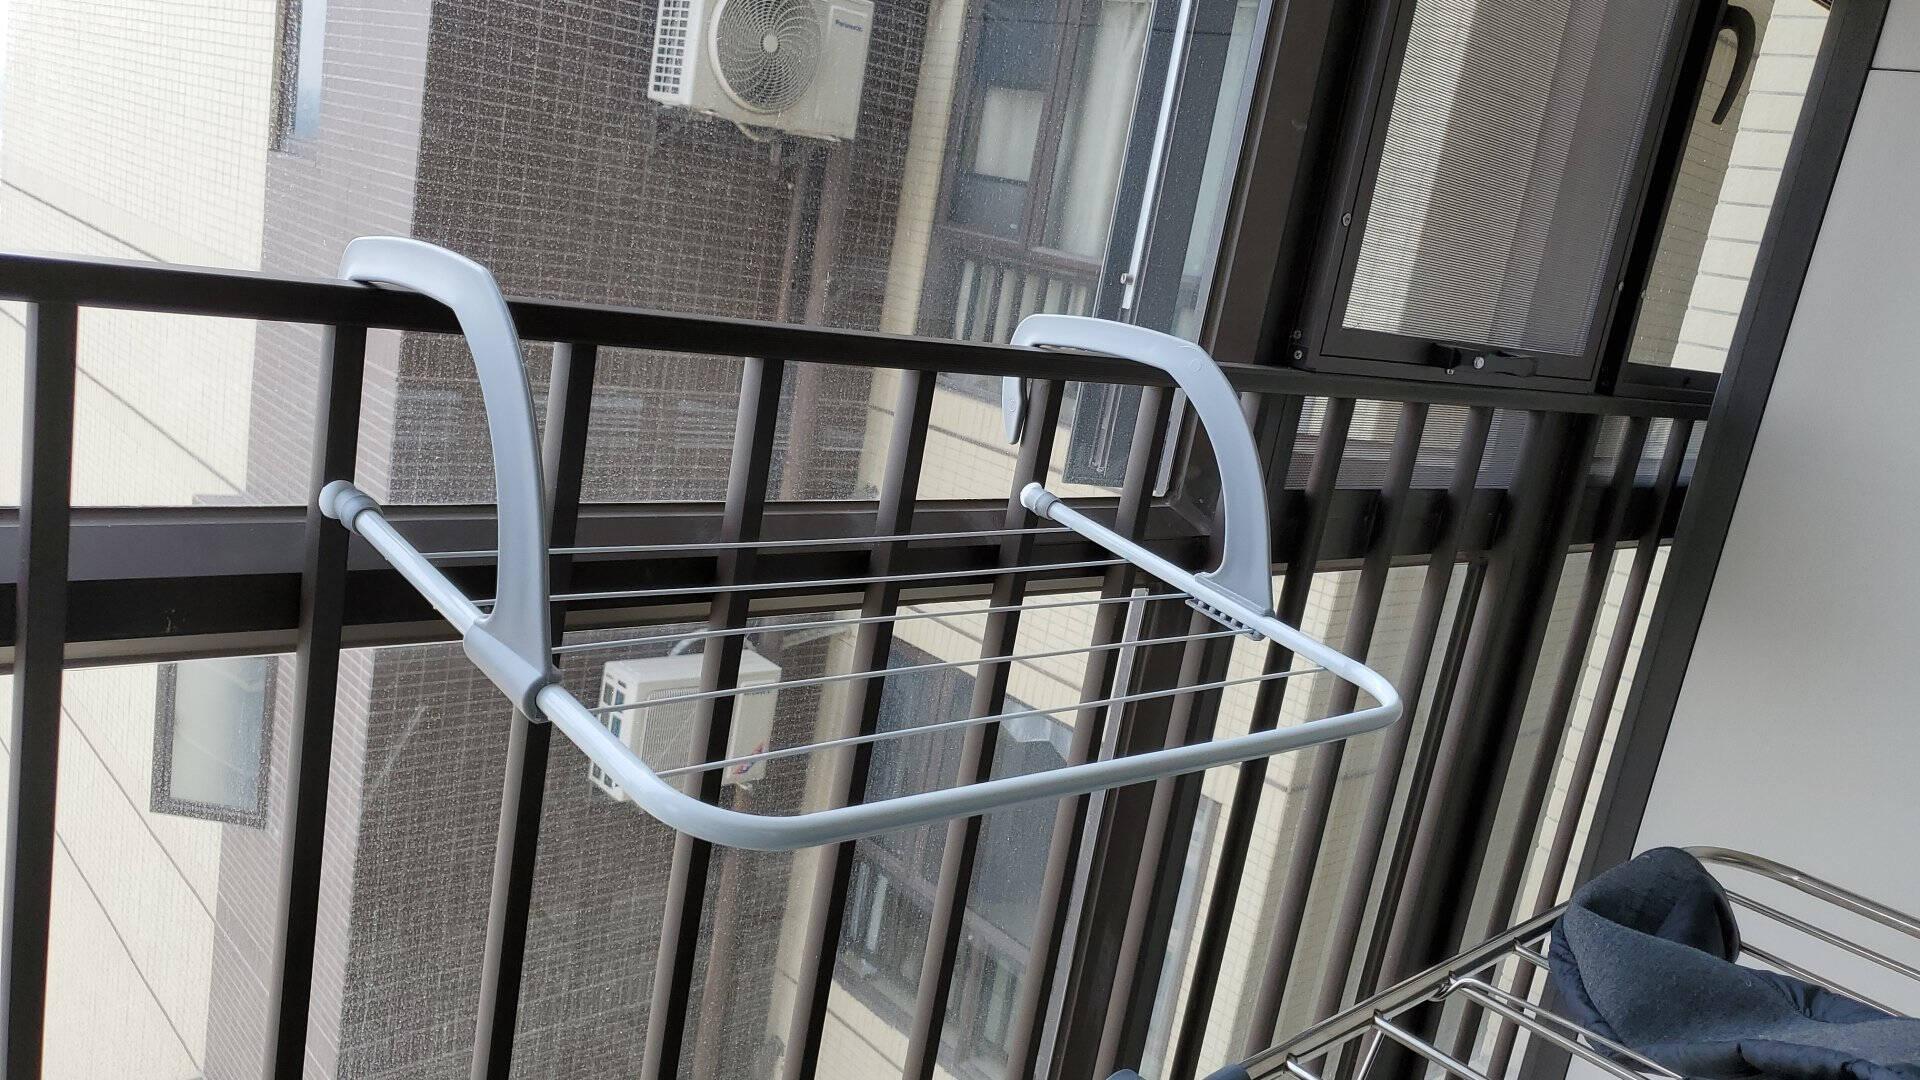 欧润哲晾晒架50cm长多功能可折叠阳台悬挂式晒衣架护栏小型晾衣架晾晒鞋架挂钩灰色